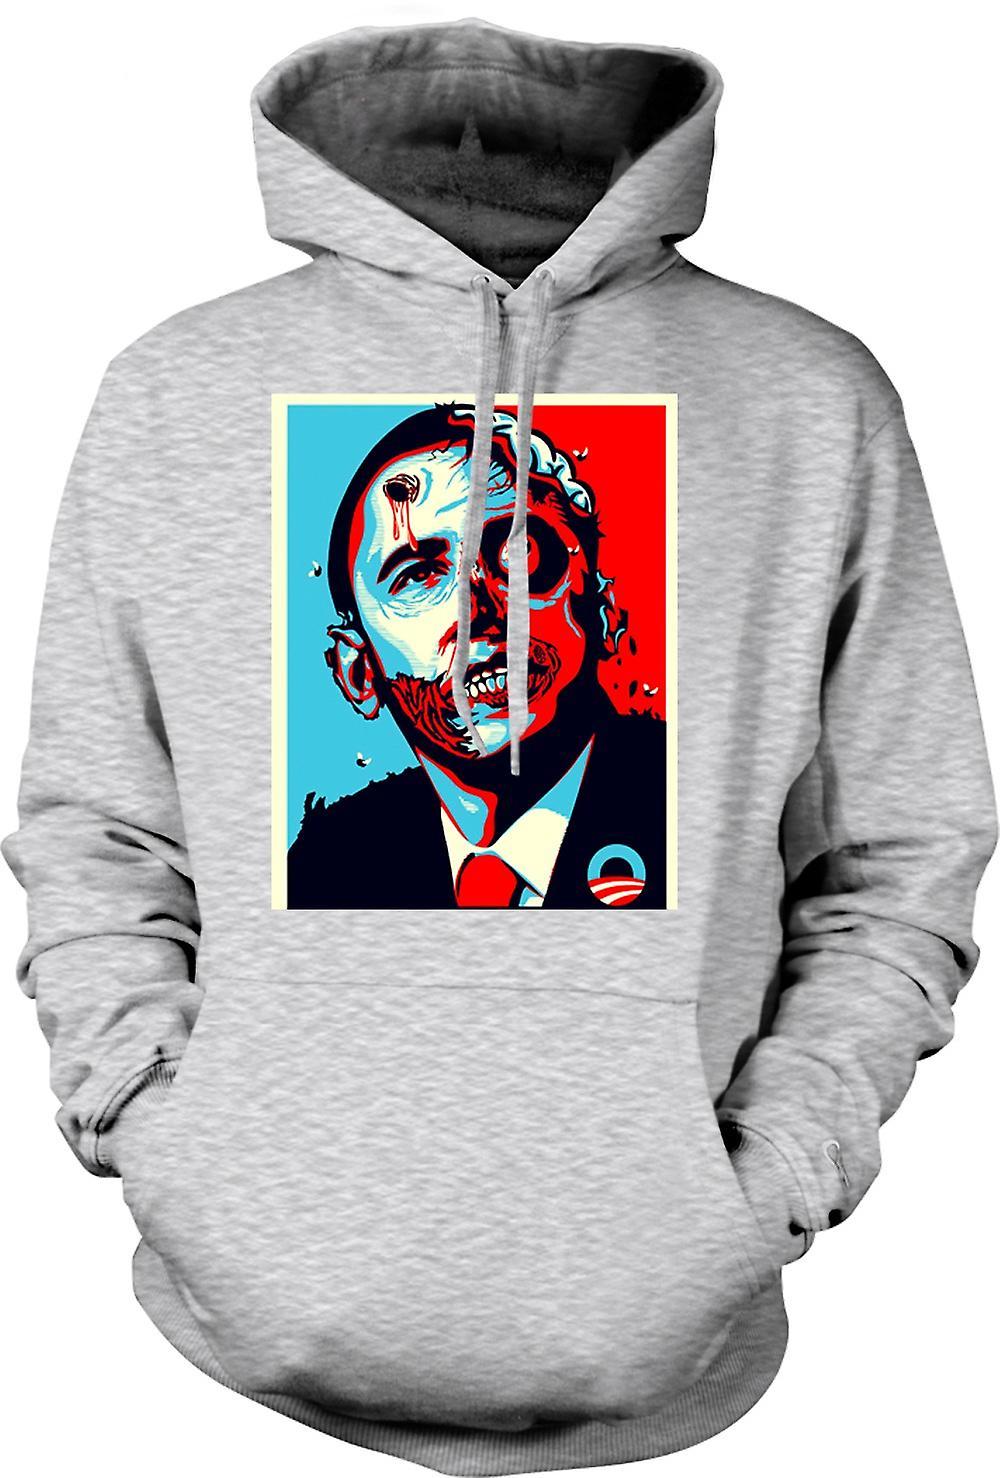 Mens Hoodie - President Obama Zombie - Funny